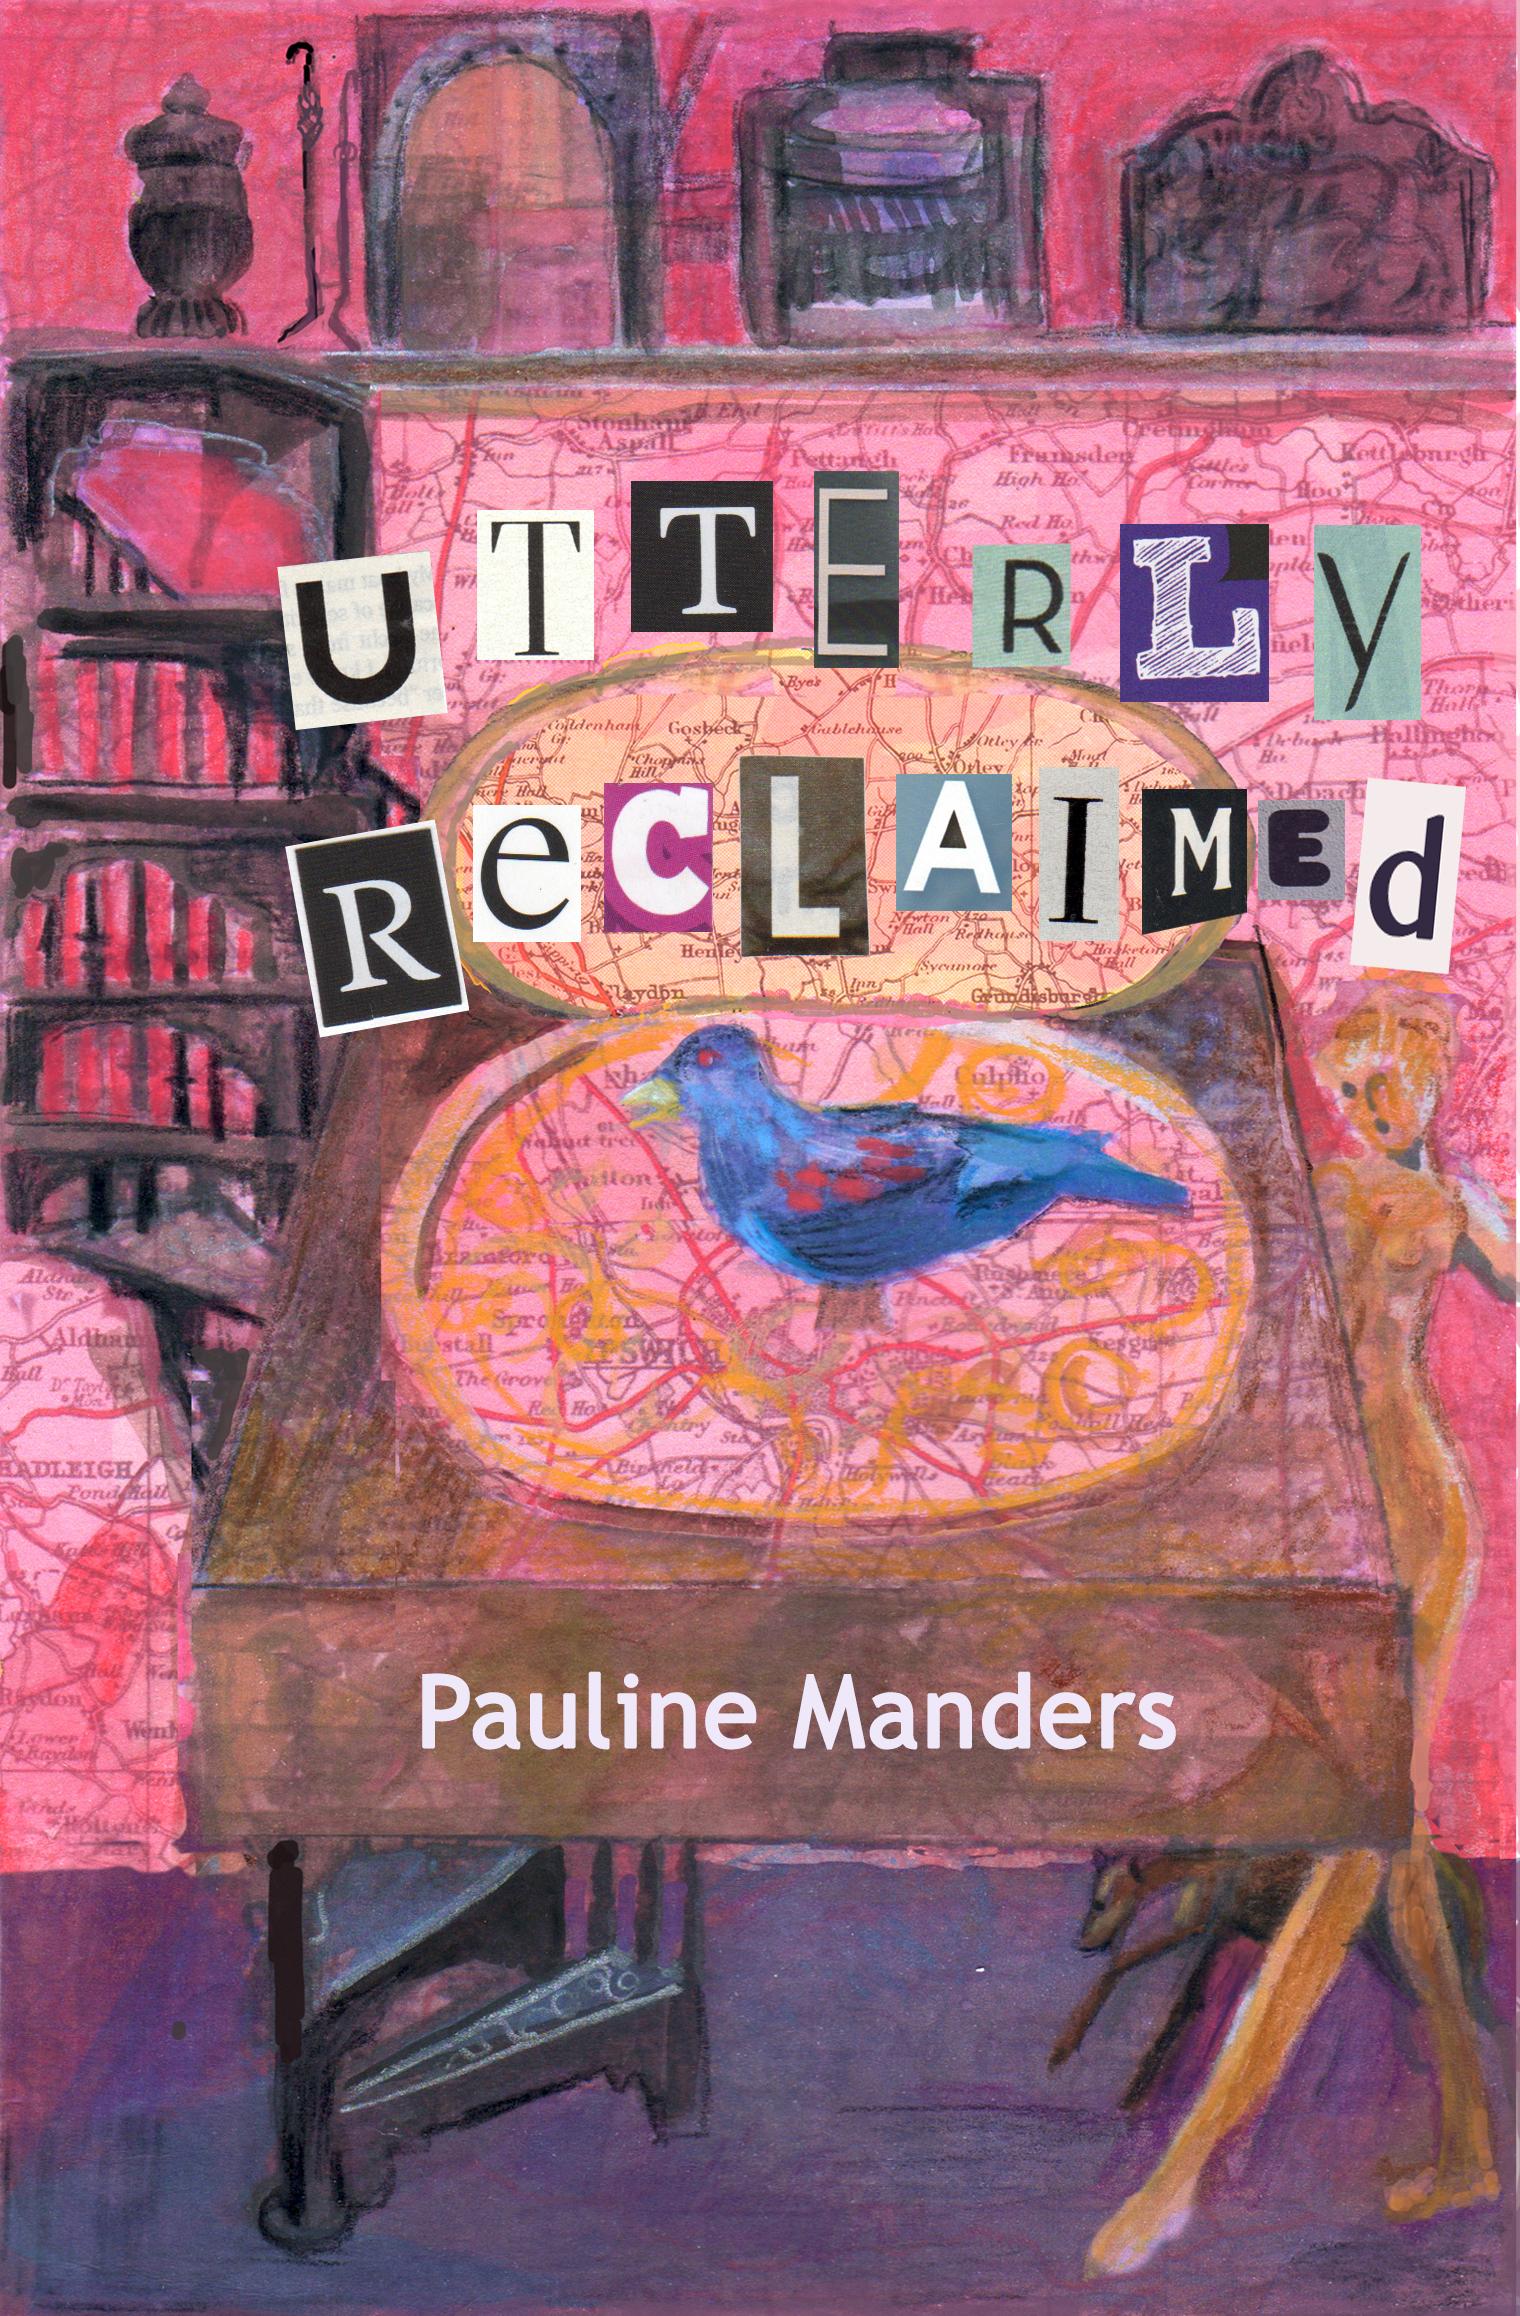 Pauline Manders